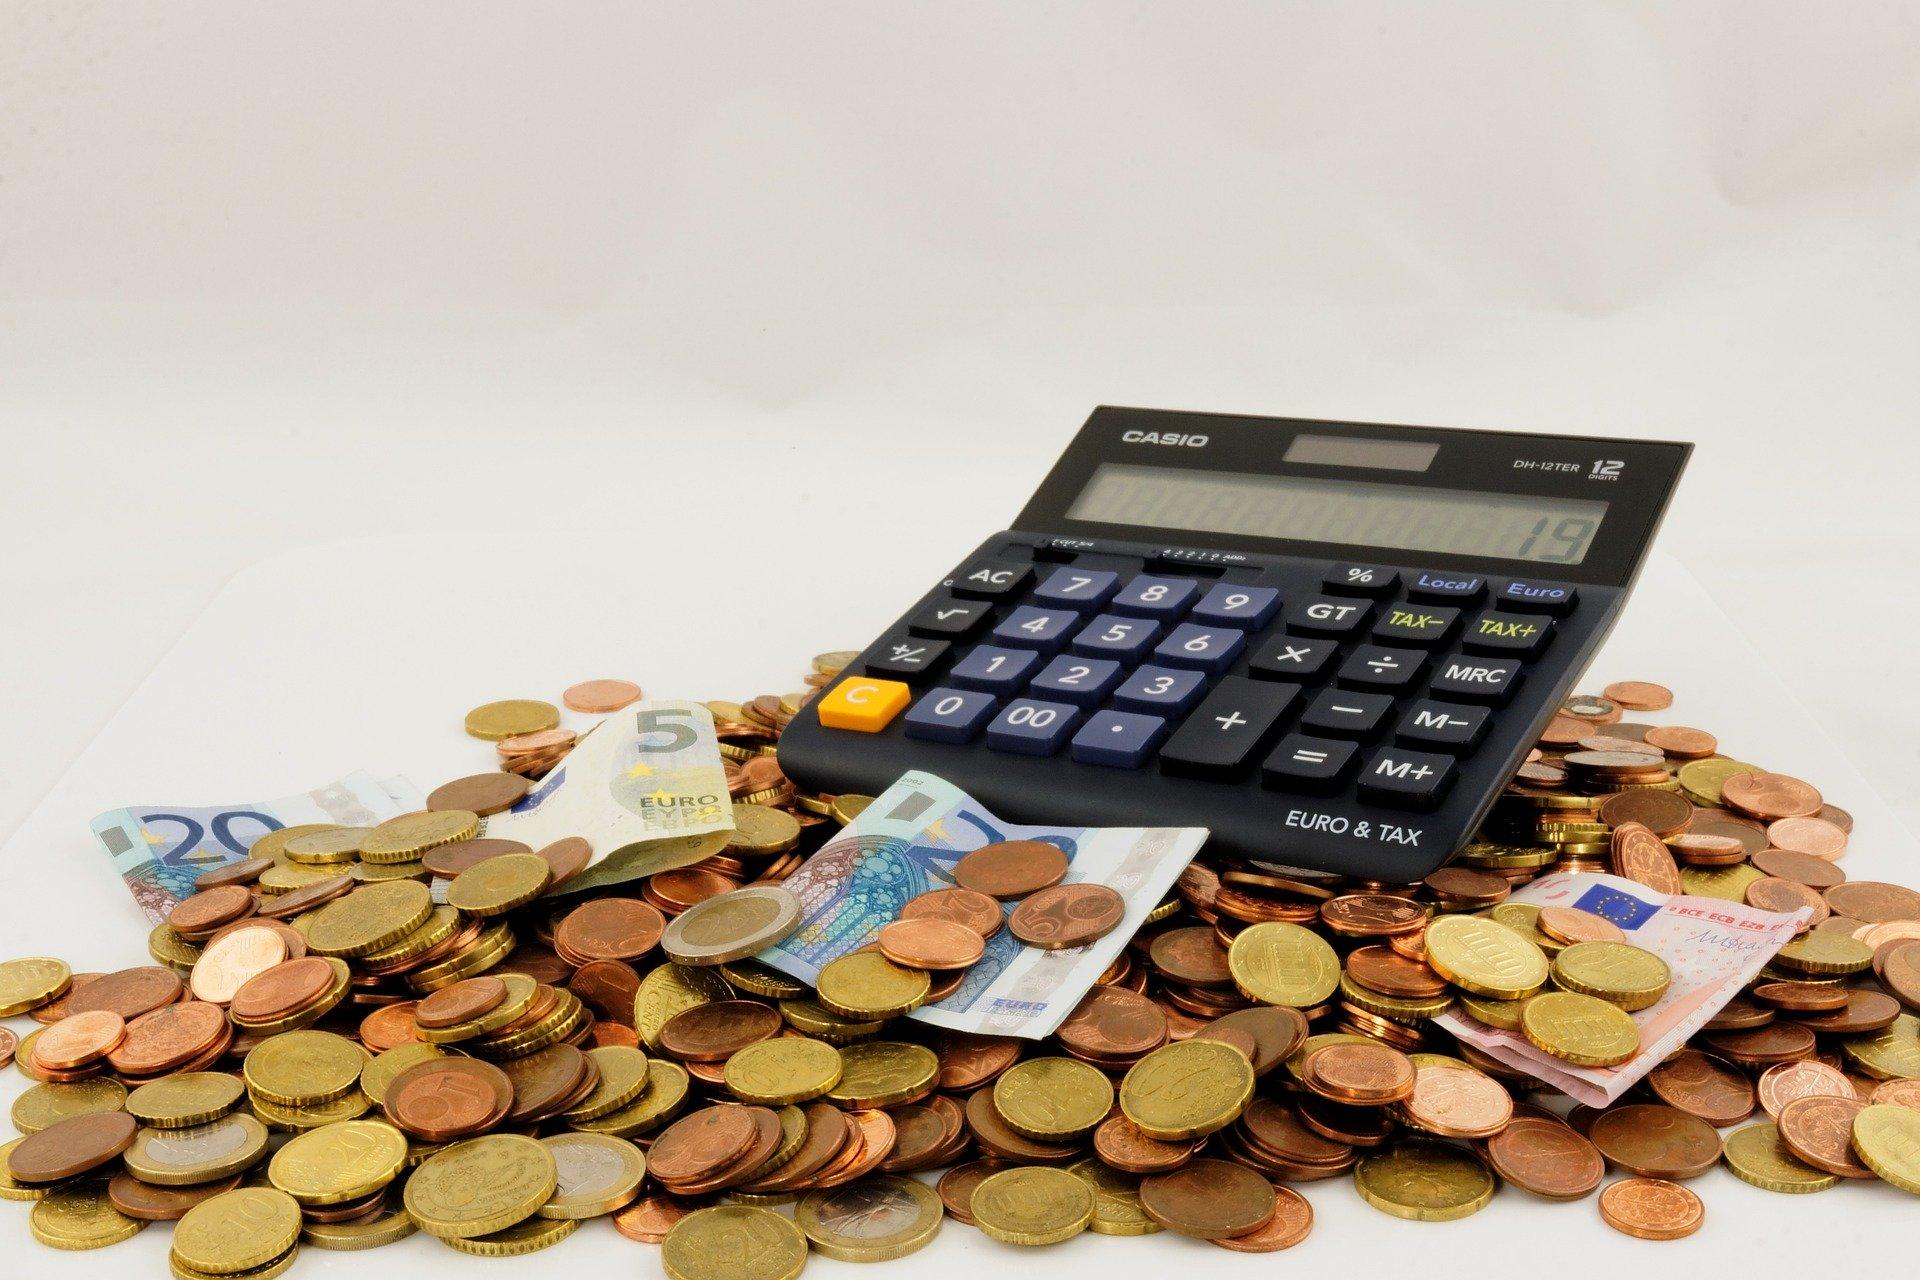 finance kalkulacka penize